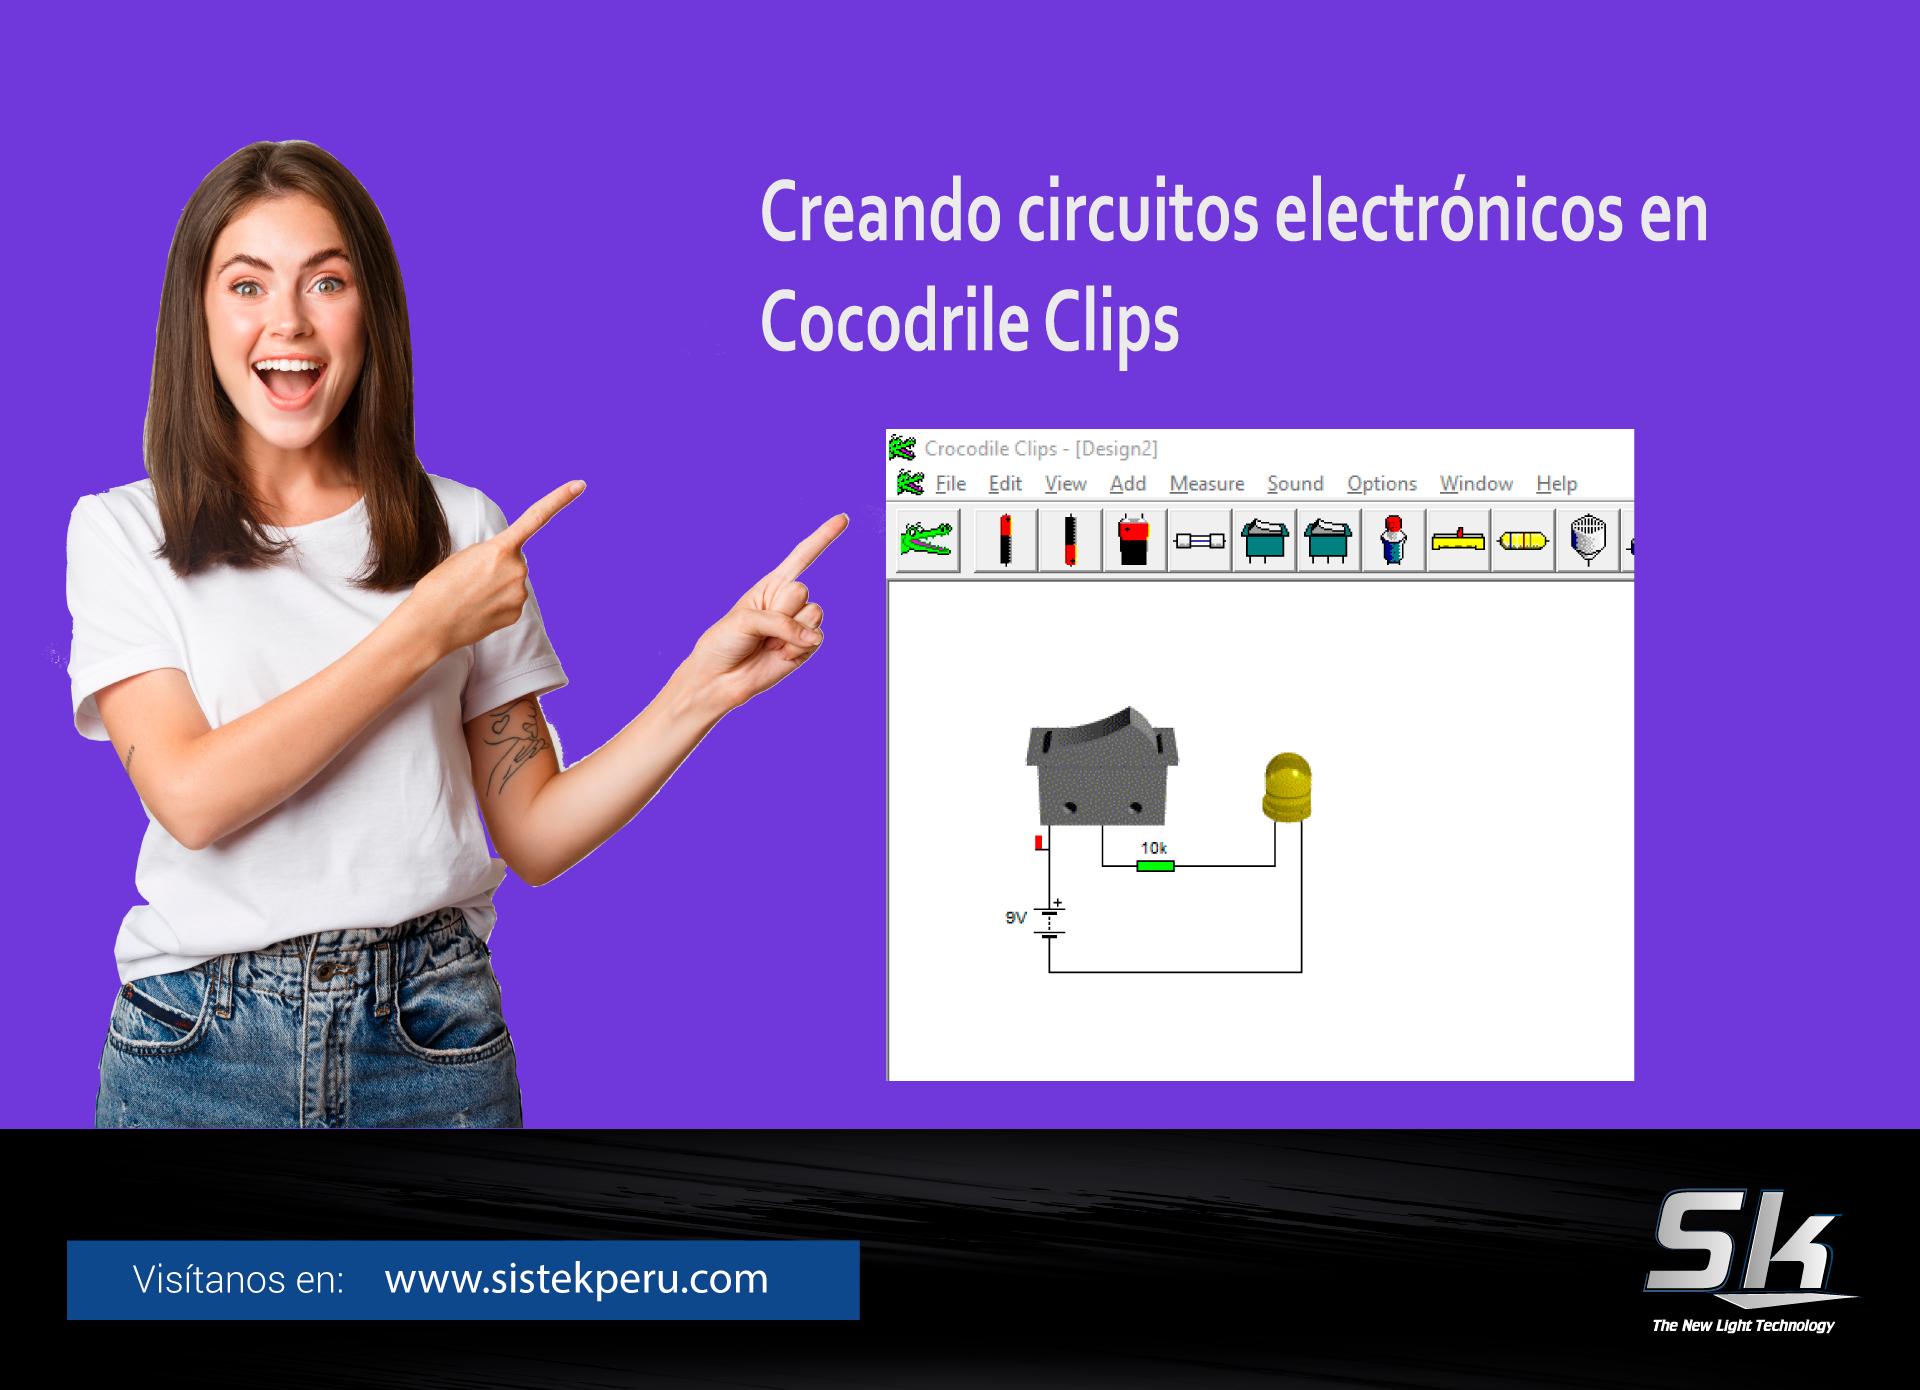 Creando Circuitos Electronicos en Cocodrile Clips